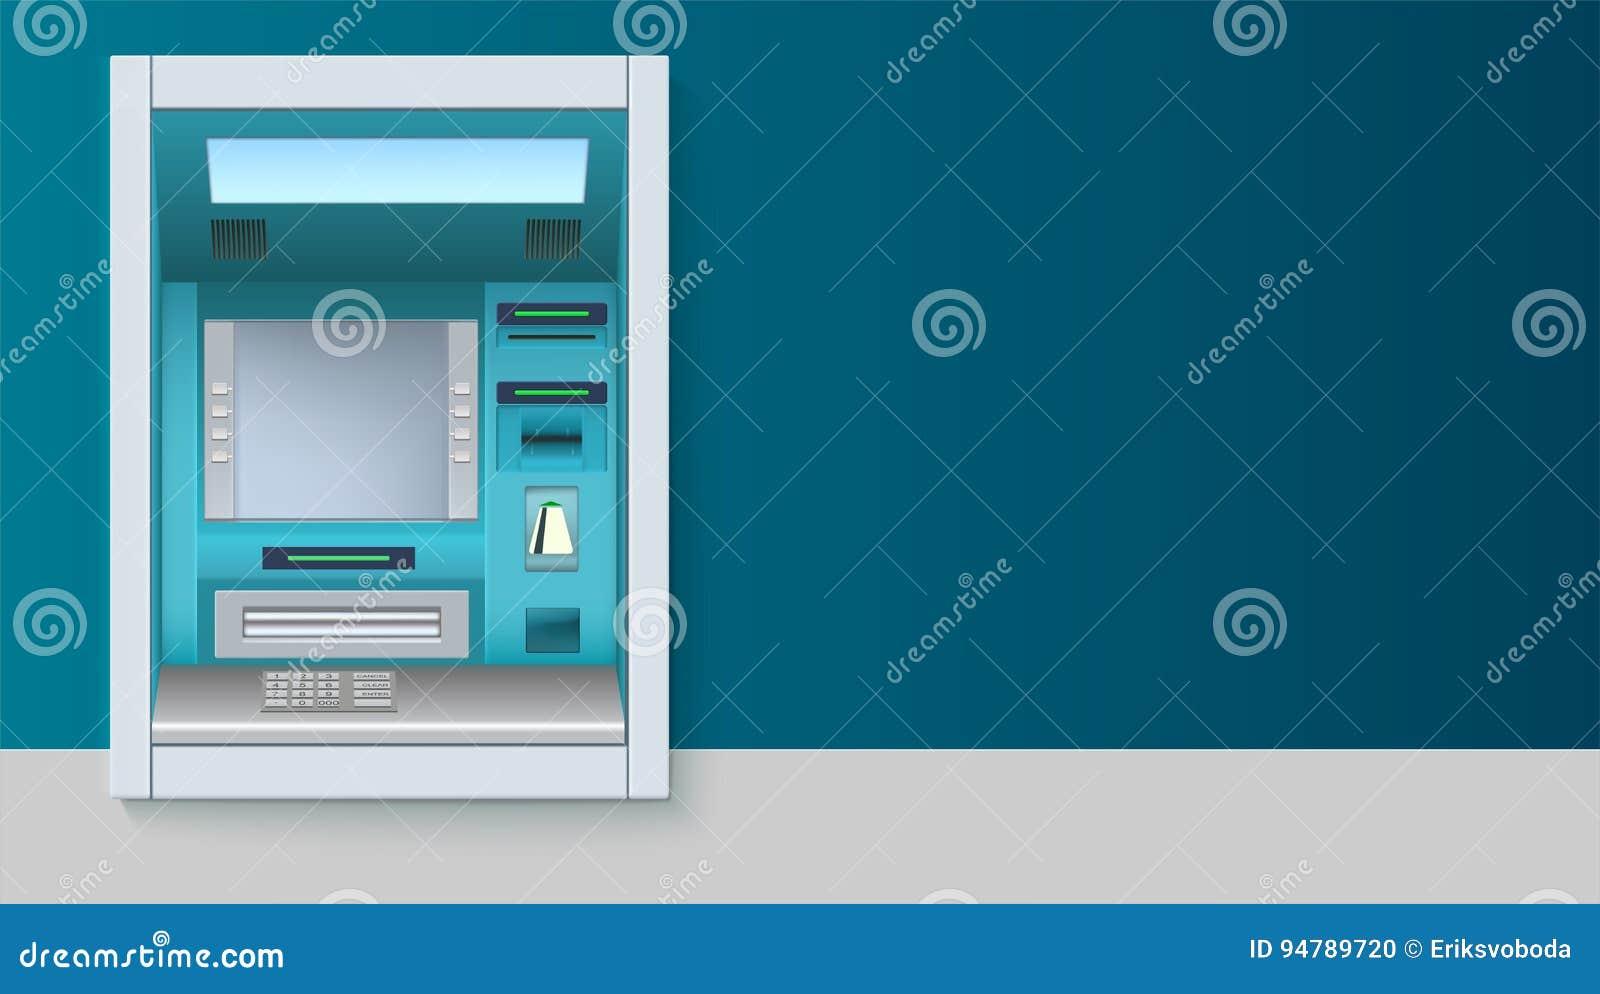 Máquina de dinheiro do banco ATM - Máquina de caixa automatizado com tela vazia e detalhes com cuidado tirados no contexto branco